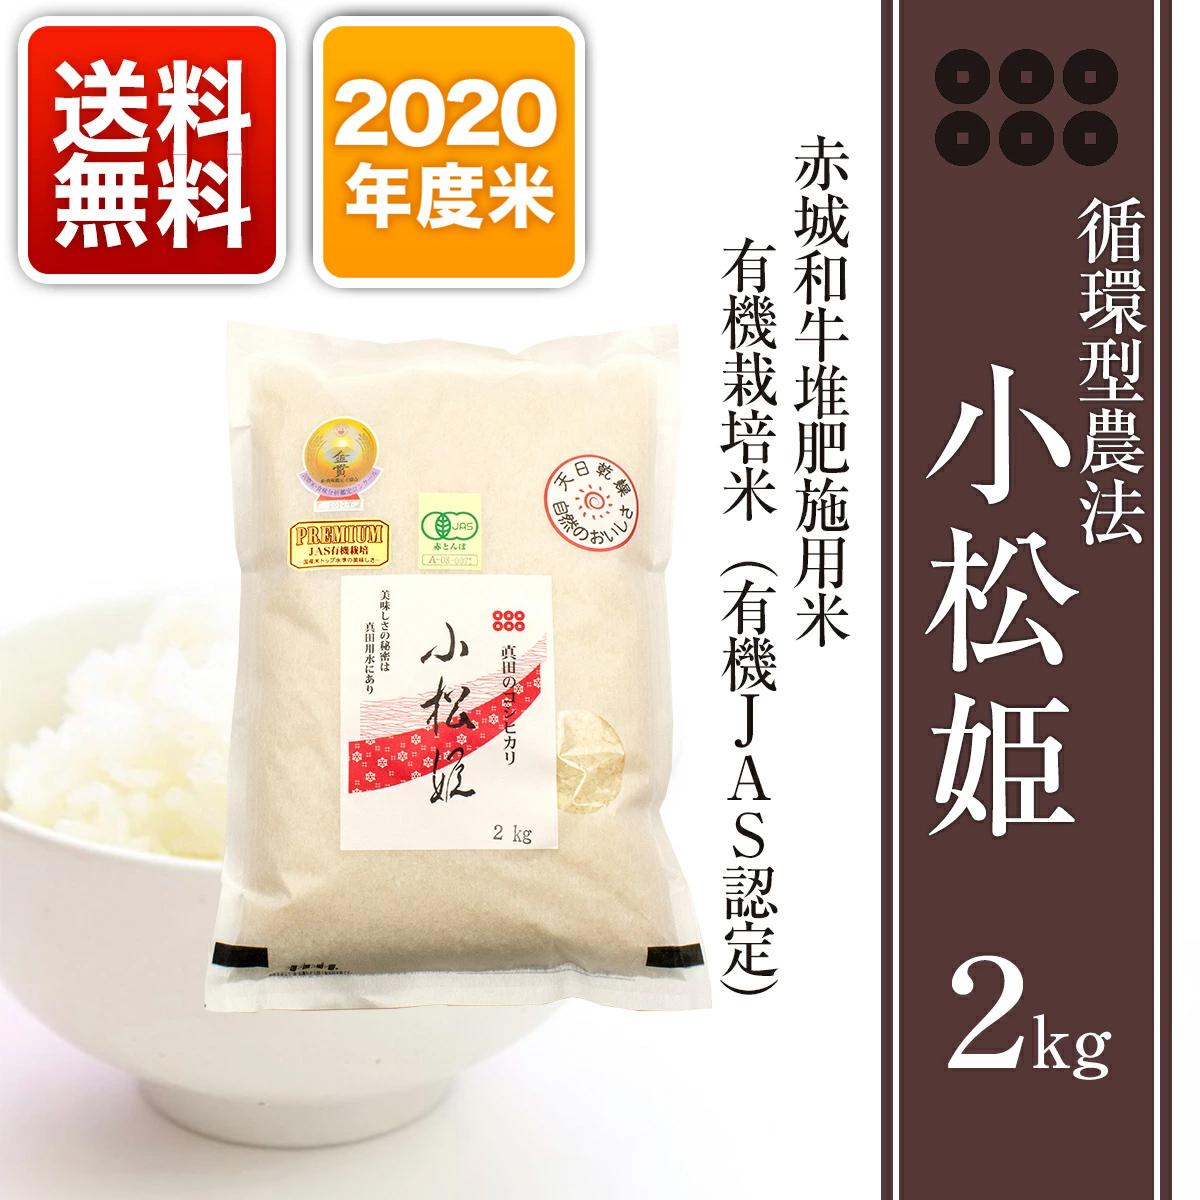 真田のコシヒカリ 小松姫米(プレミアム) 2kg 商品説明